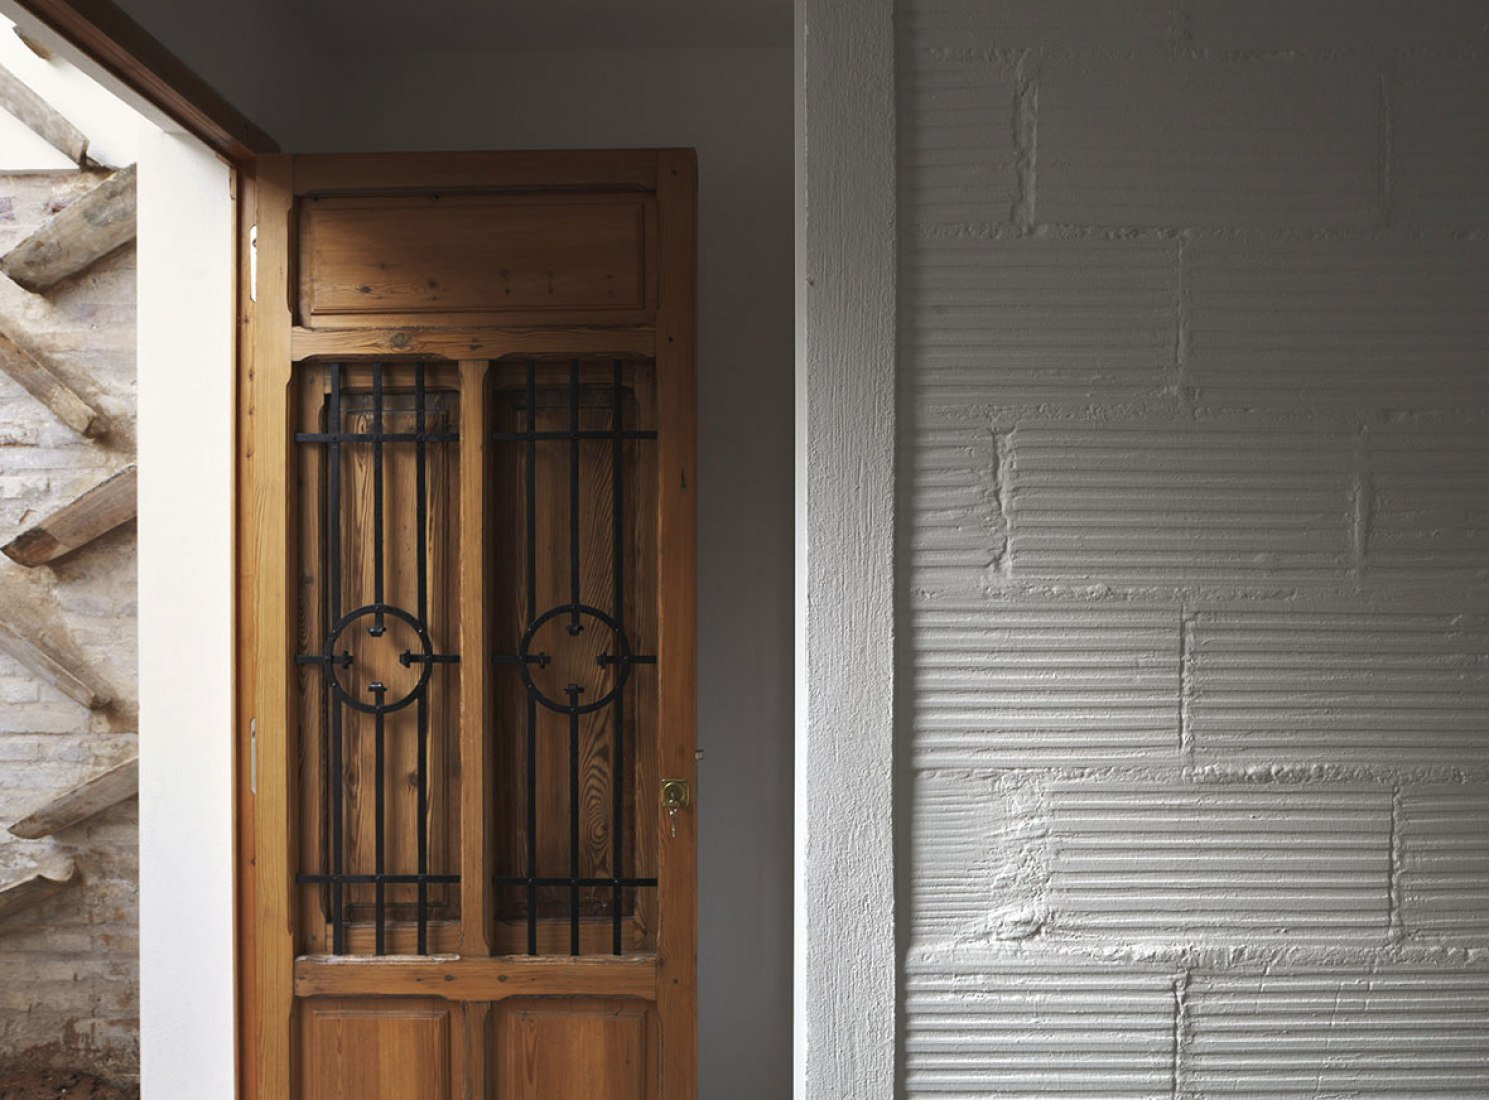 Vista interior. Reforma de vivienda en el Cabanyal por David Estal Herrero. Fotografía © Mariela Apollonio.